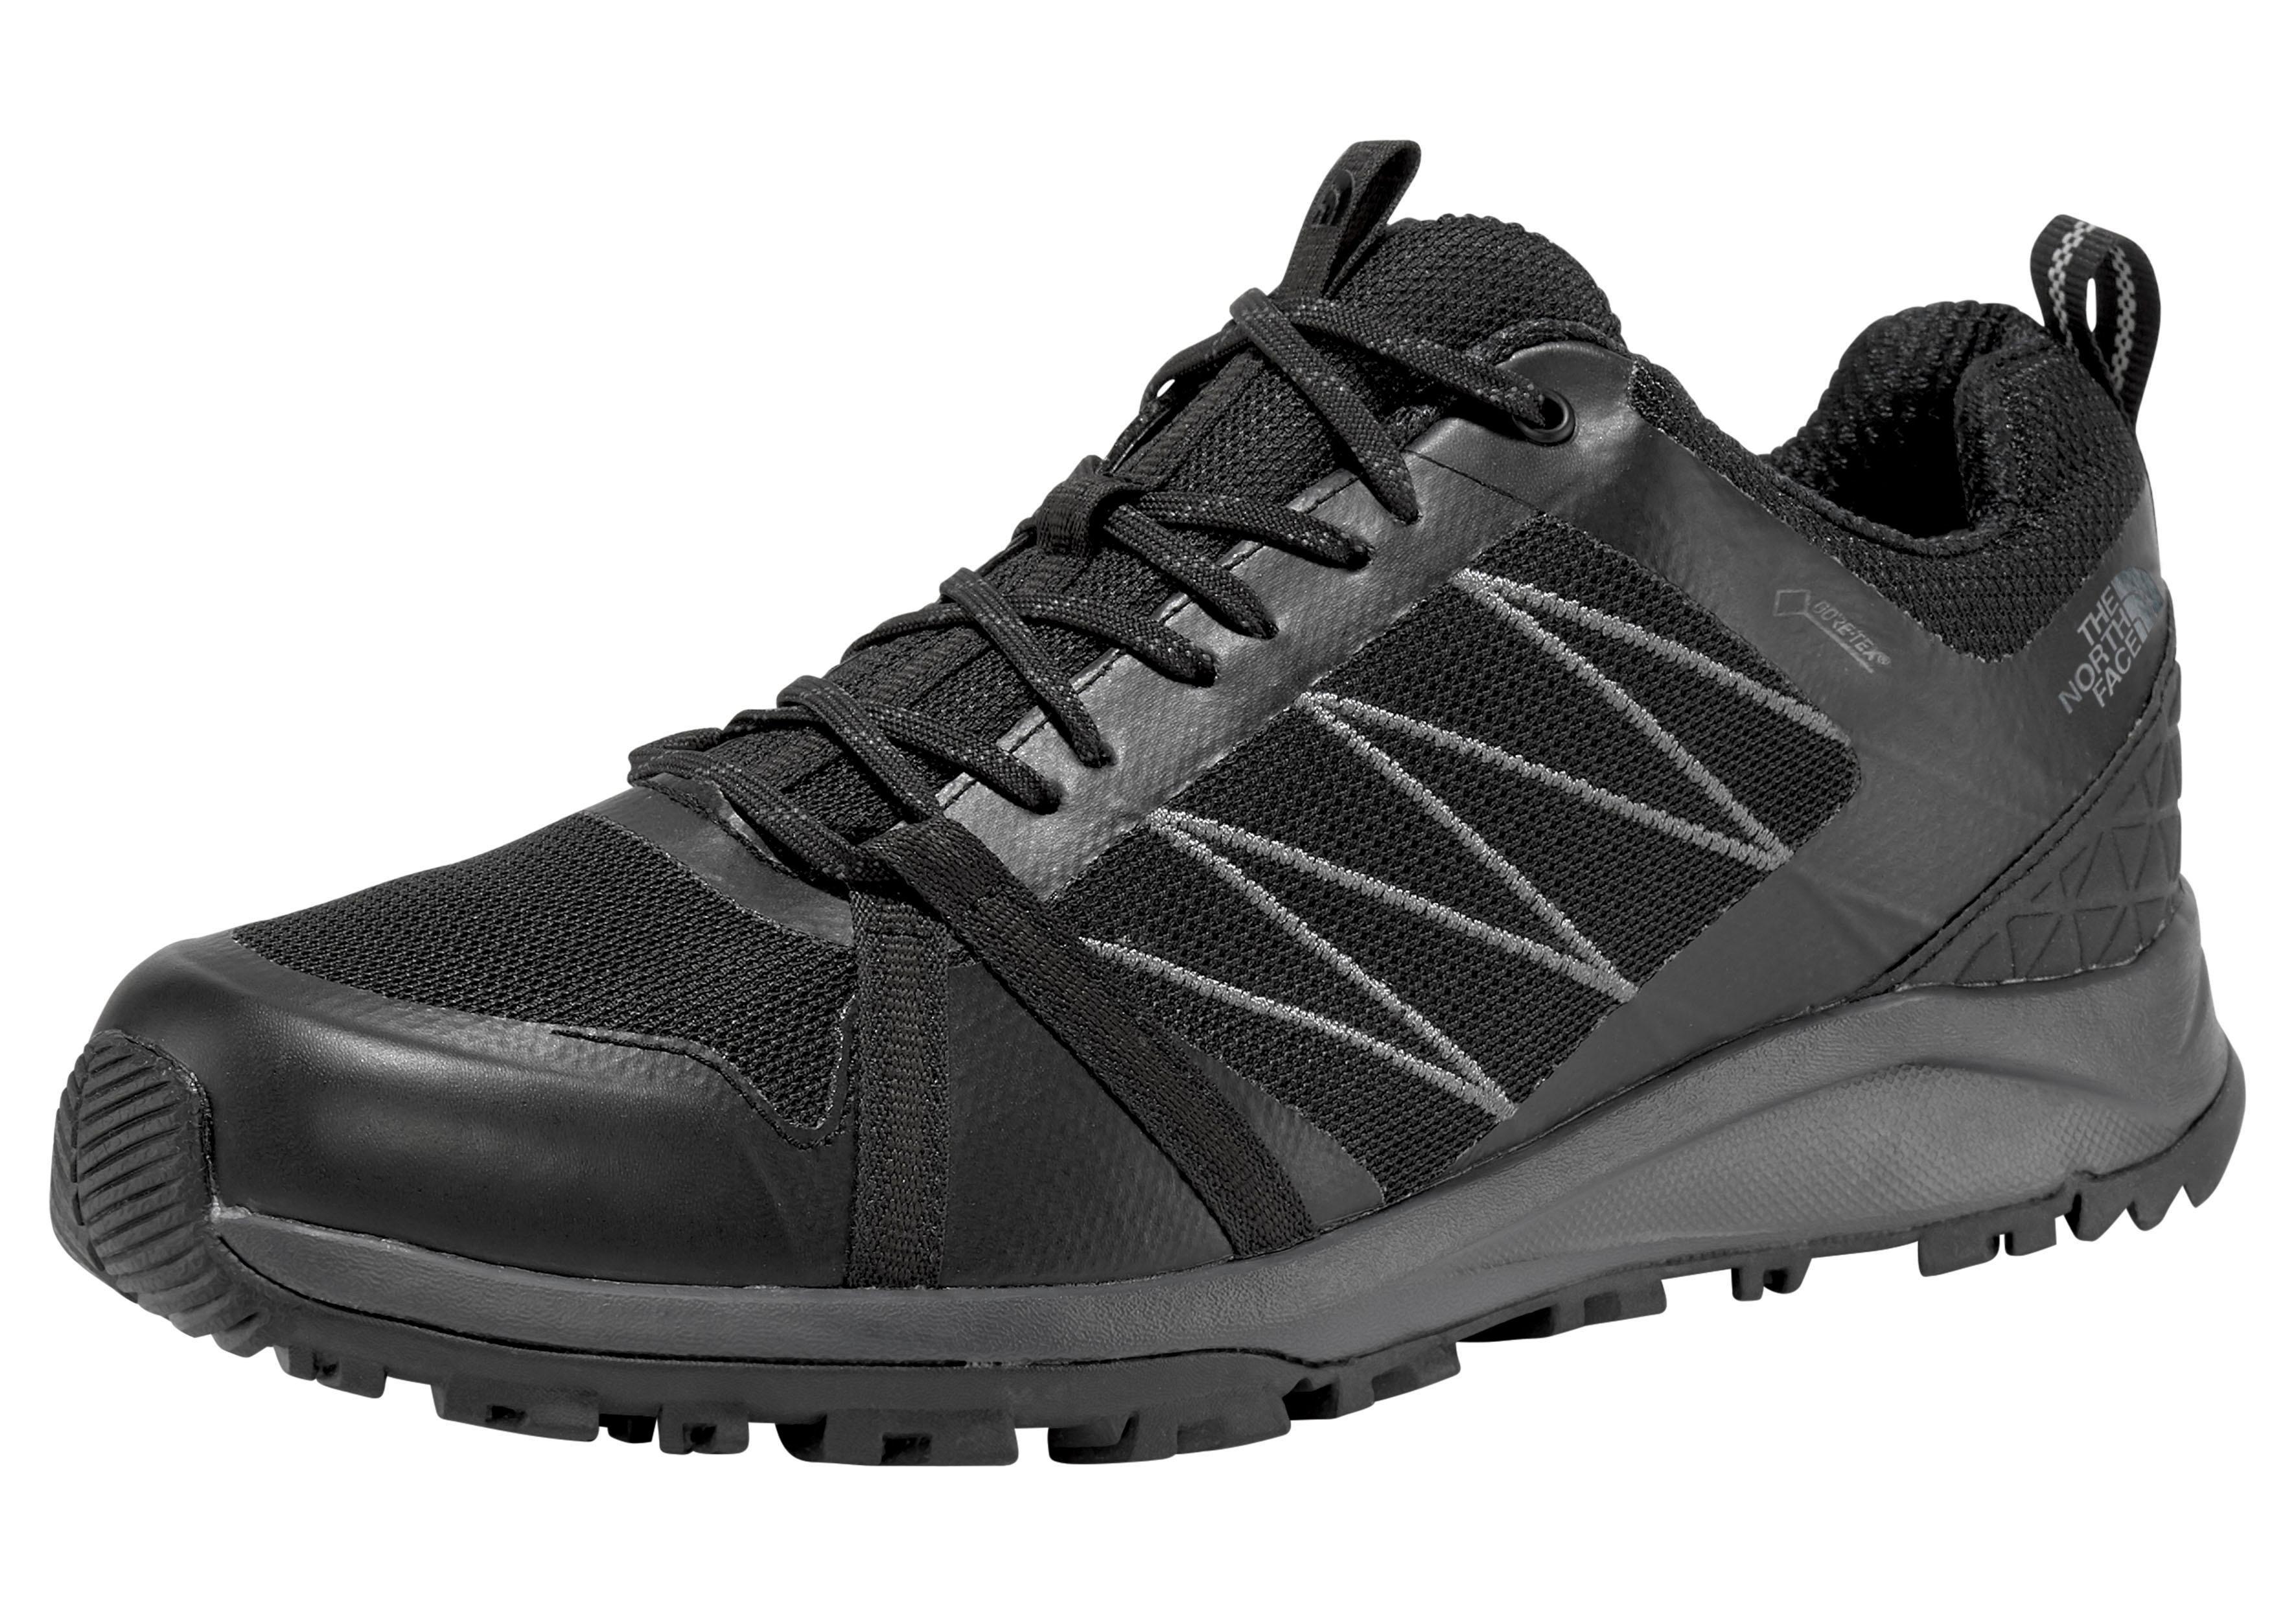 The North Face outdoorschoenen »Men's Litewave Fastpack II Gore-Tex« voordelig en veilig online kopen